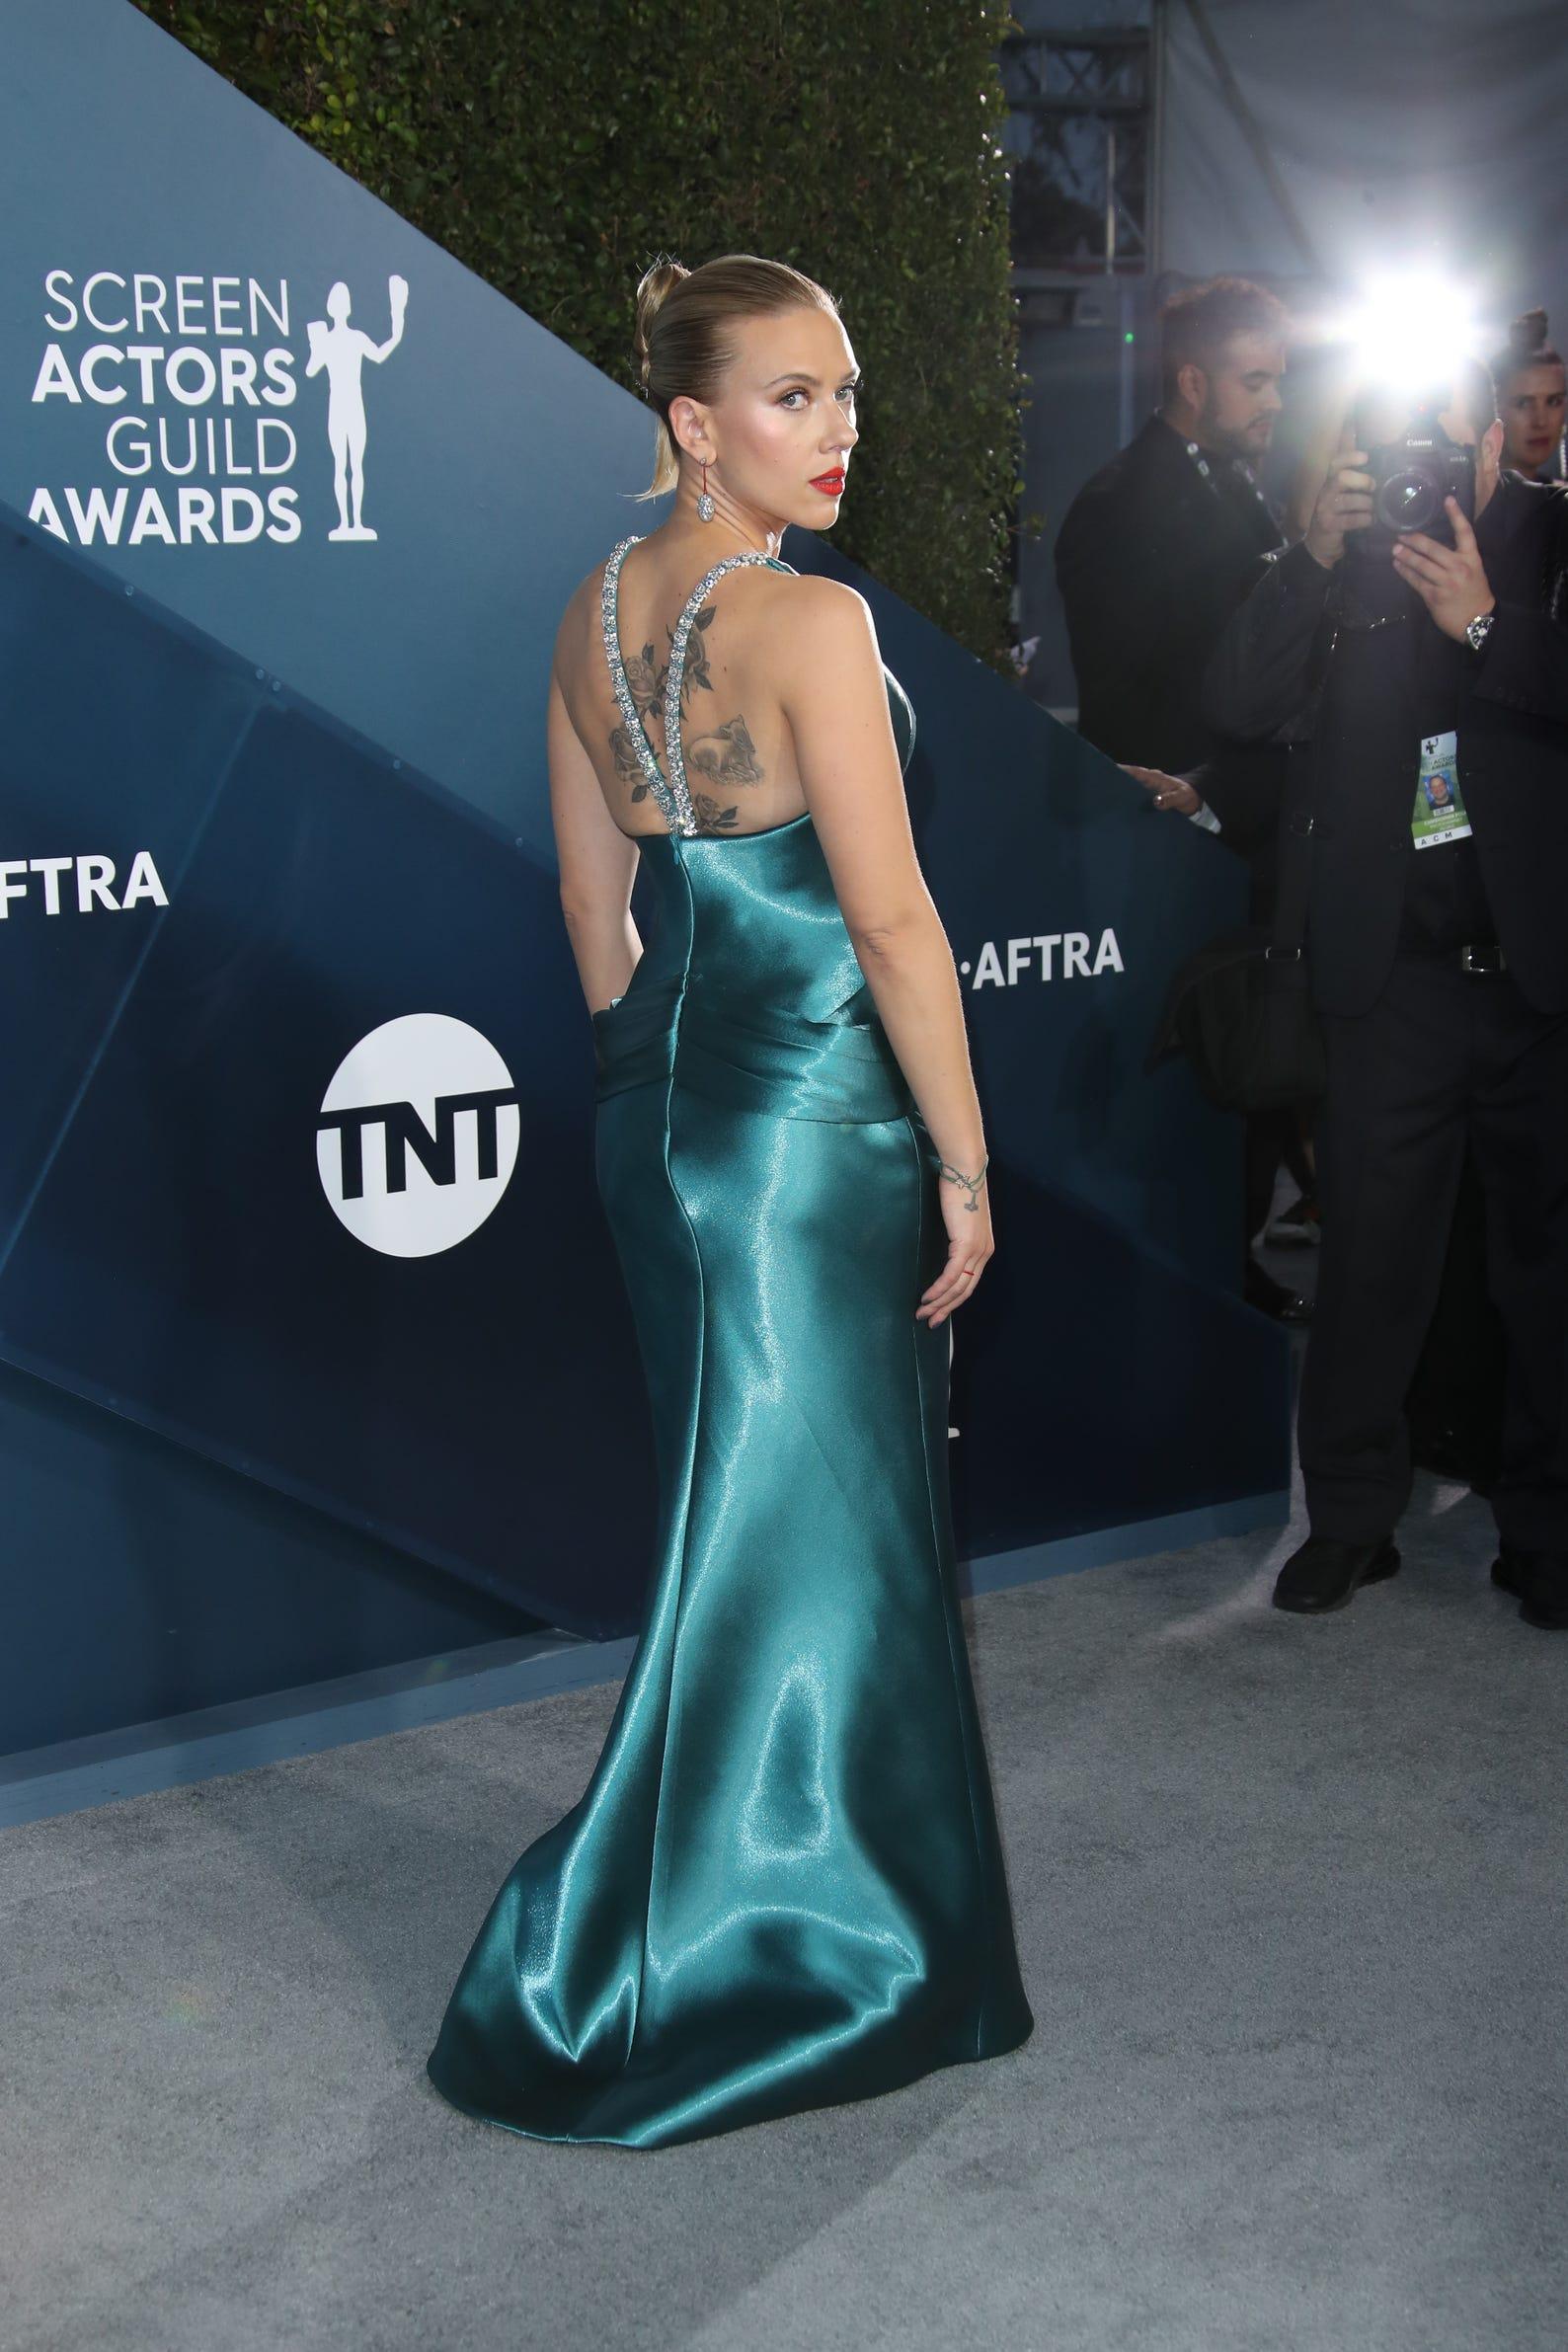 tony awards 2020 red carpet